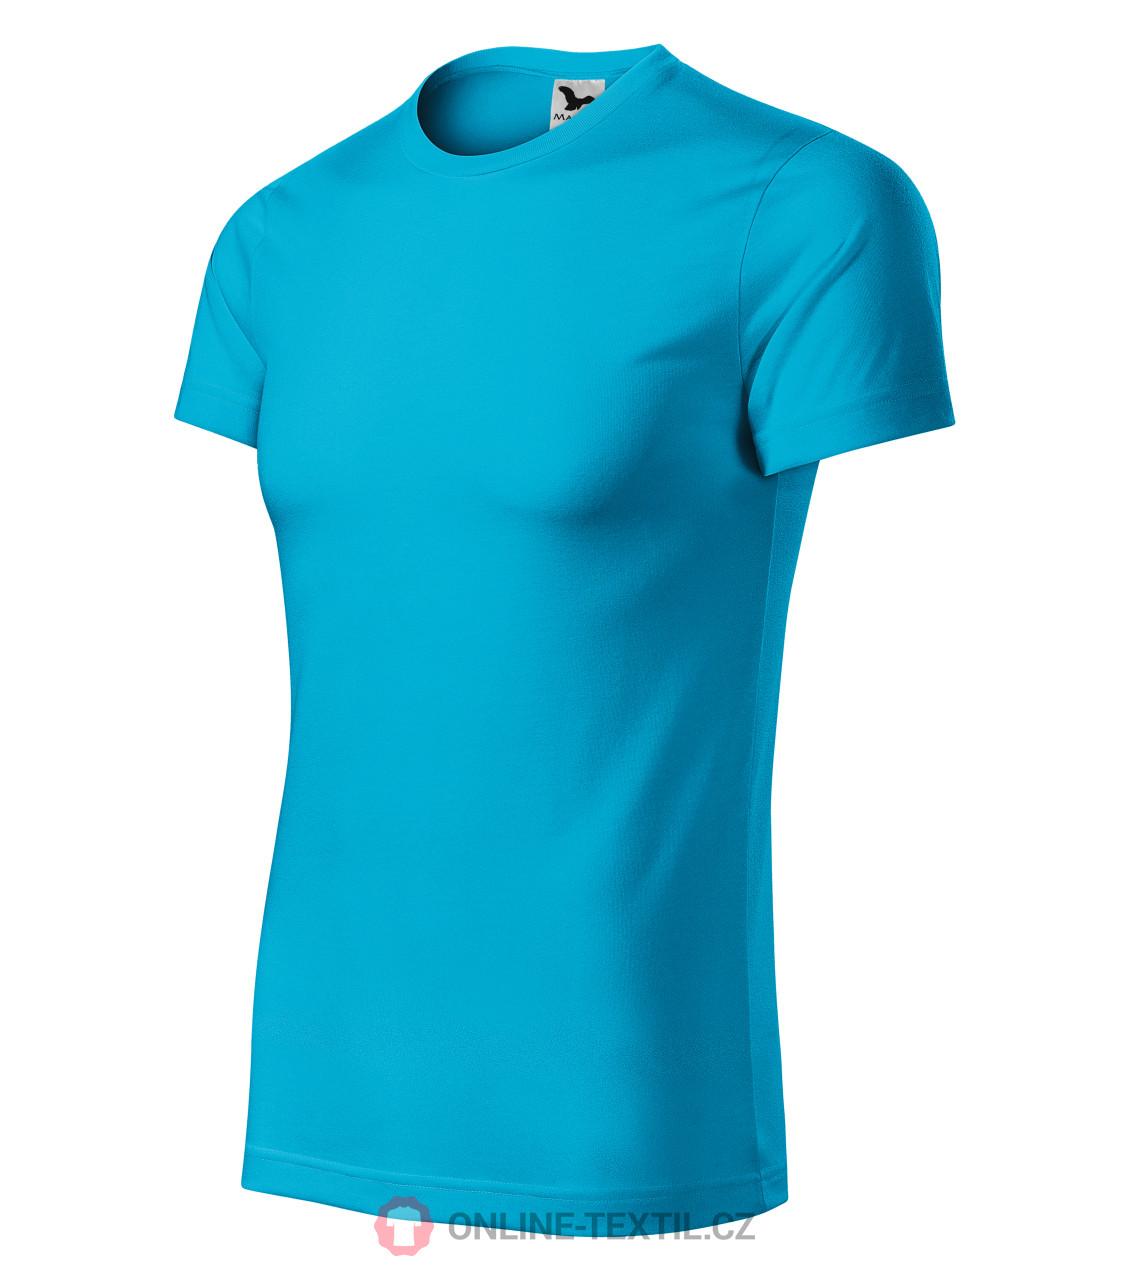 40213f497 ADLER CZECH Športové tričko Star unisex 165 - tyrkysová z kolekcie ...